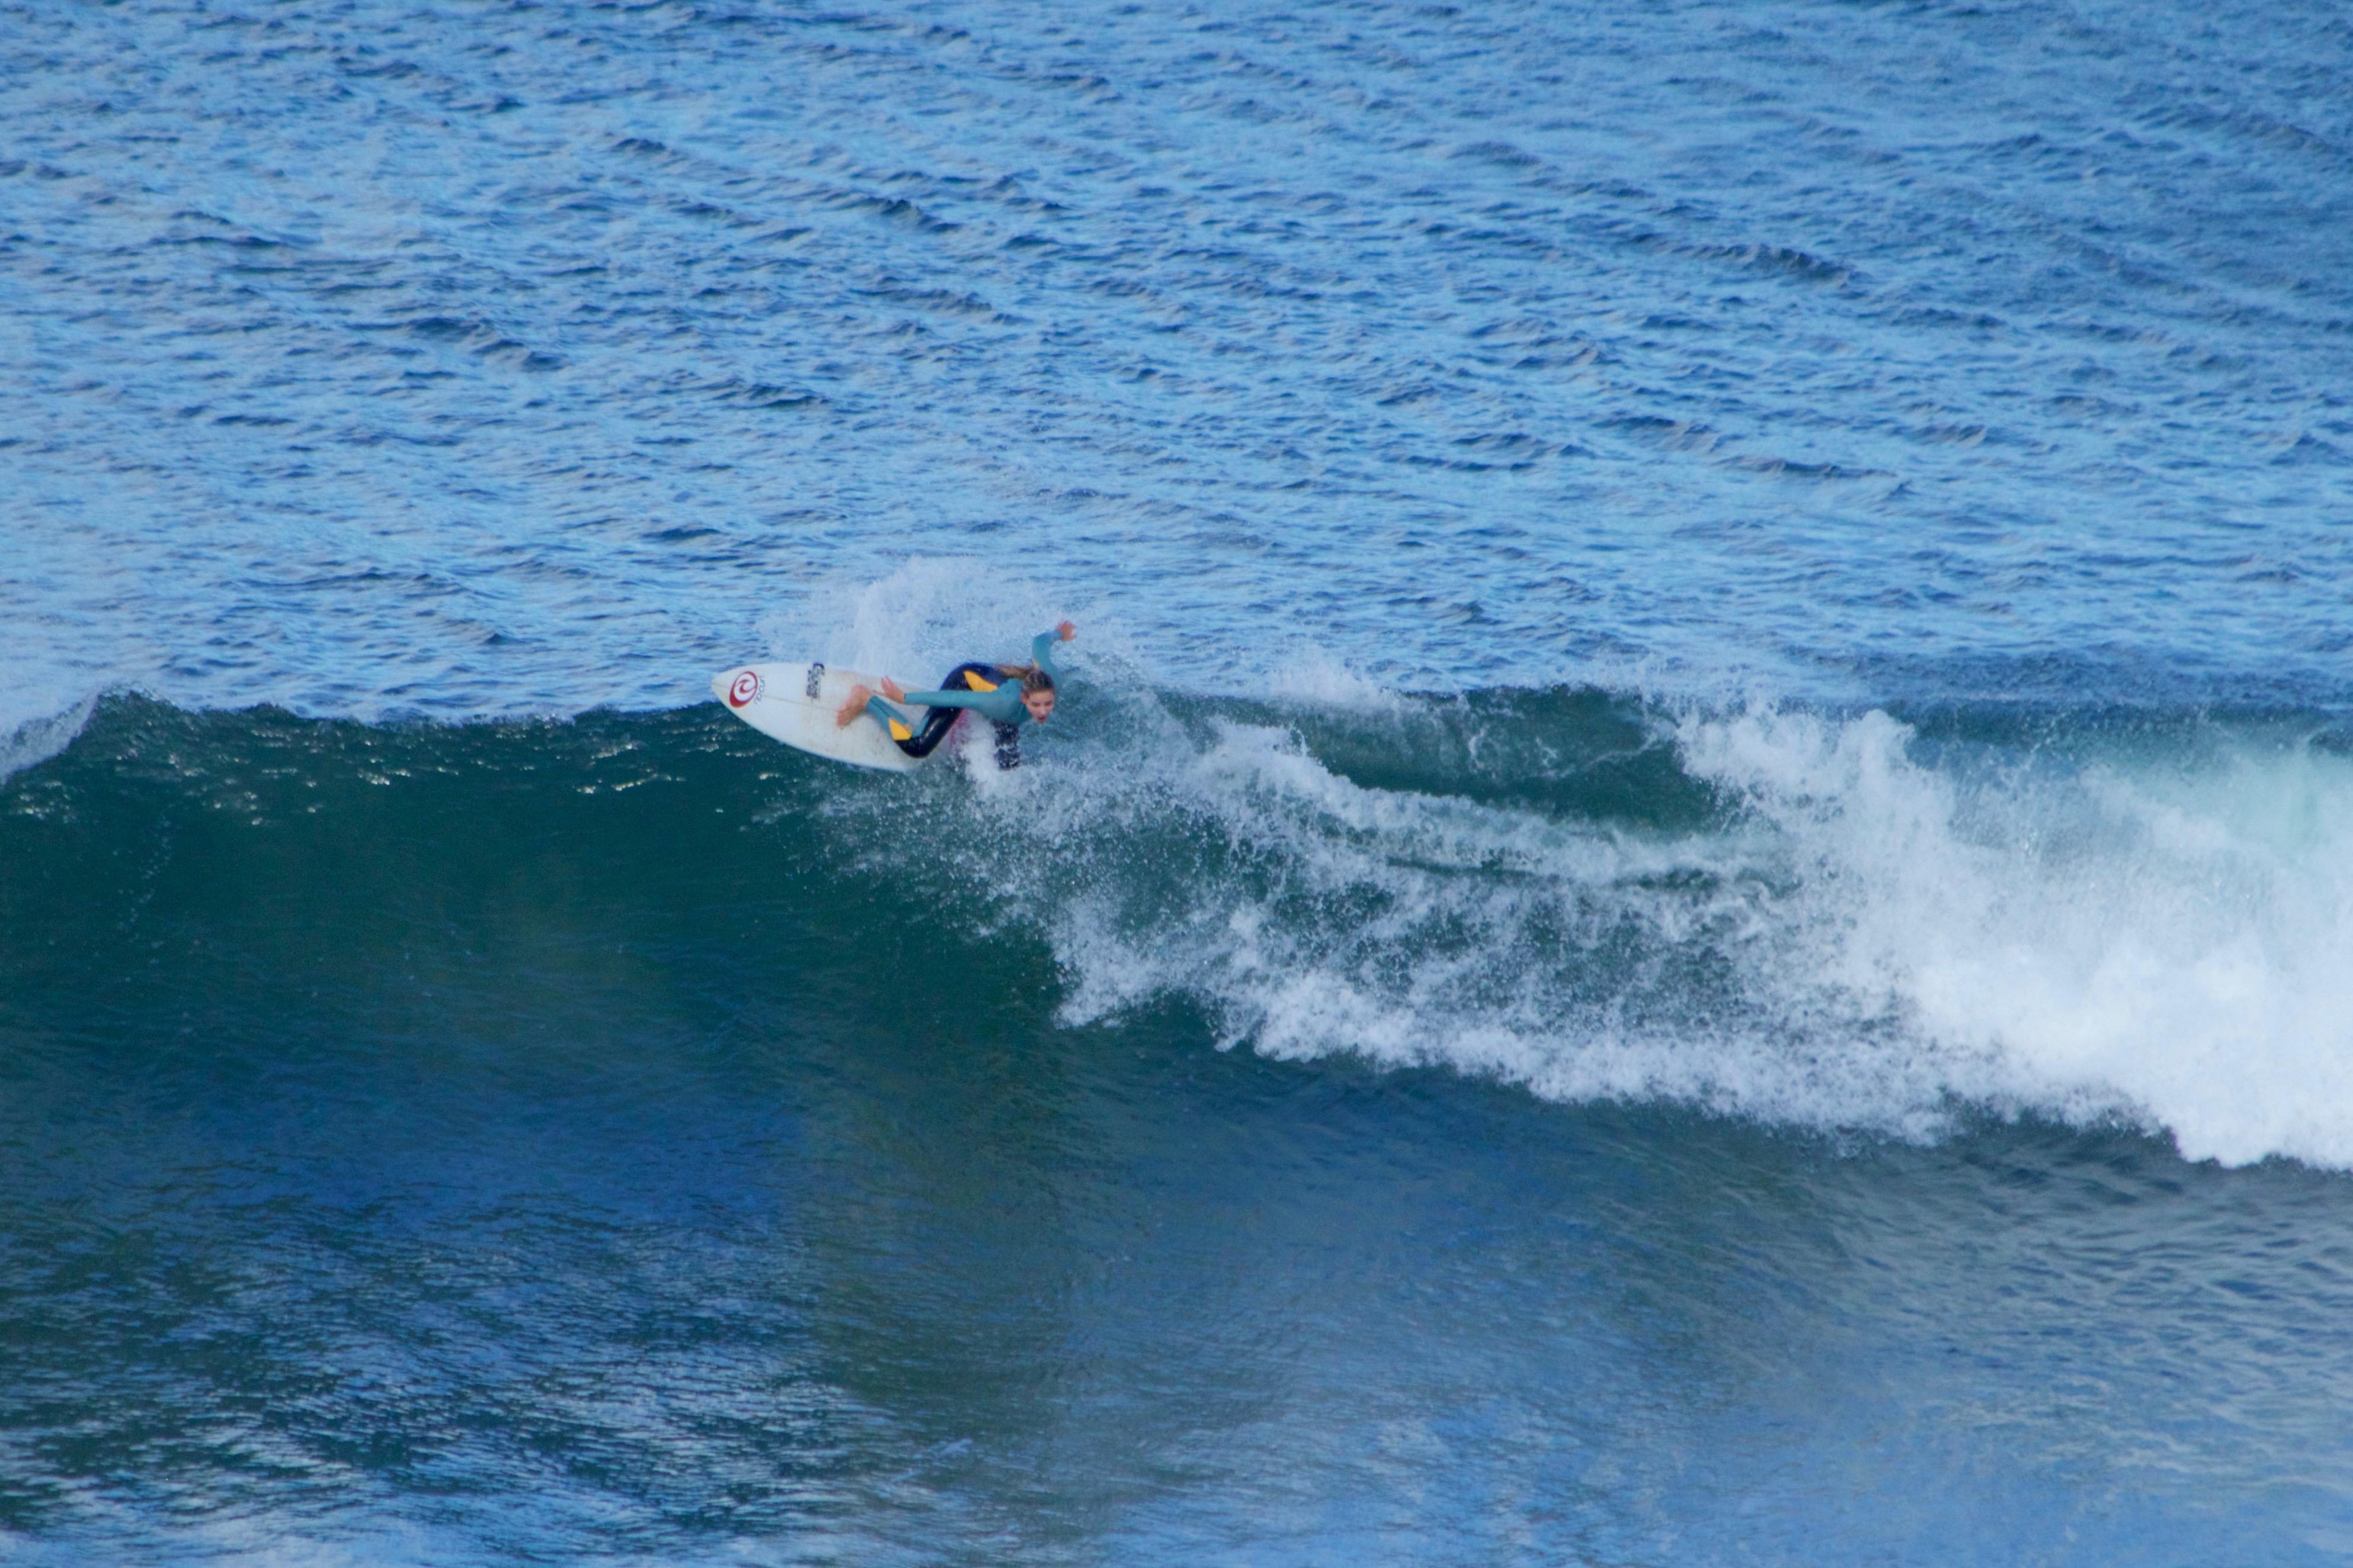 Die Münchnerin Valeska Schneider hat den Winter über an der australischen Gold Coast an ihren Surf-Skills gefeilt. Ob sie sich dieses Jahr endlich auch den Titel bei den Open Women holen kann? Foto: Kerry Haysom